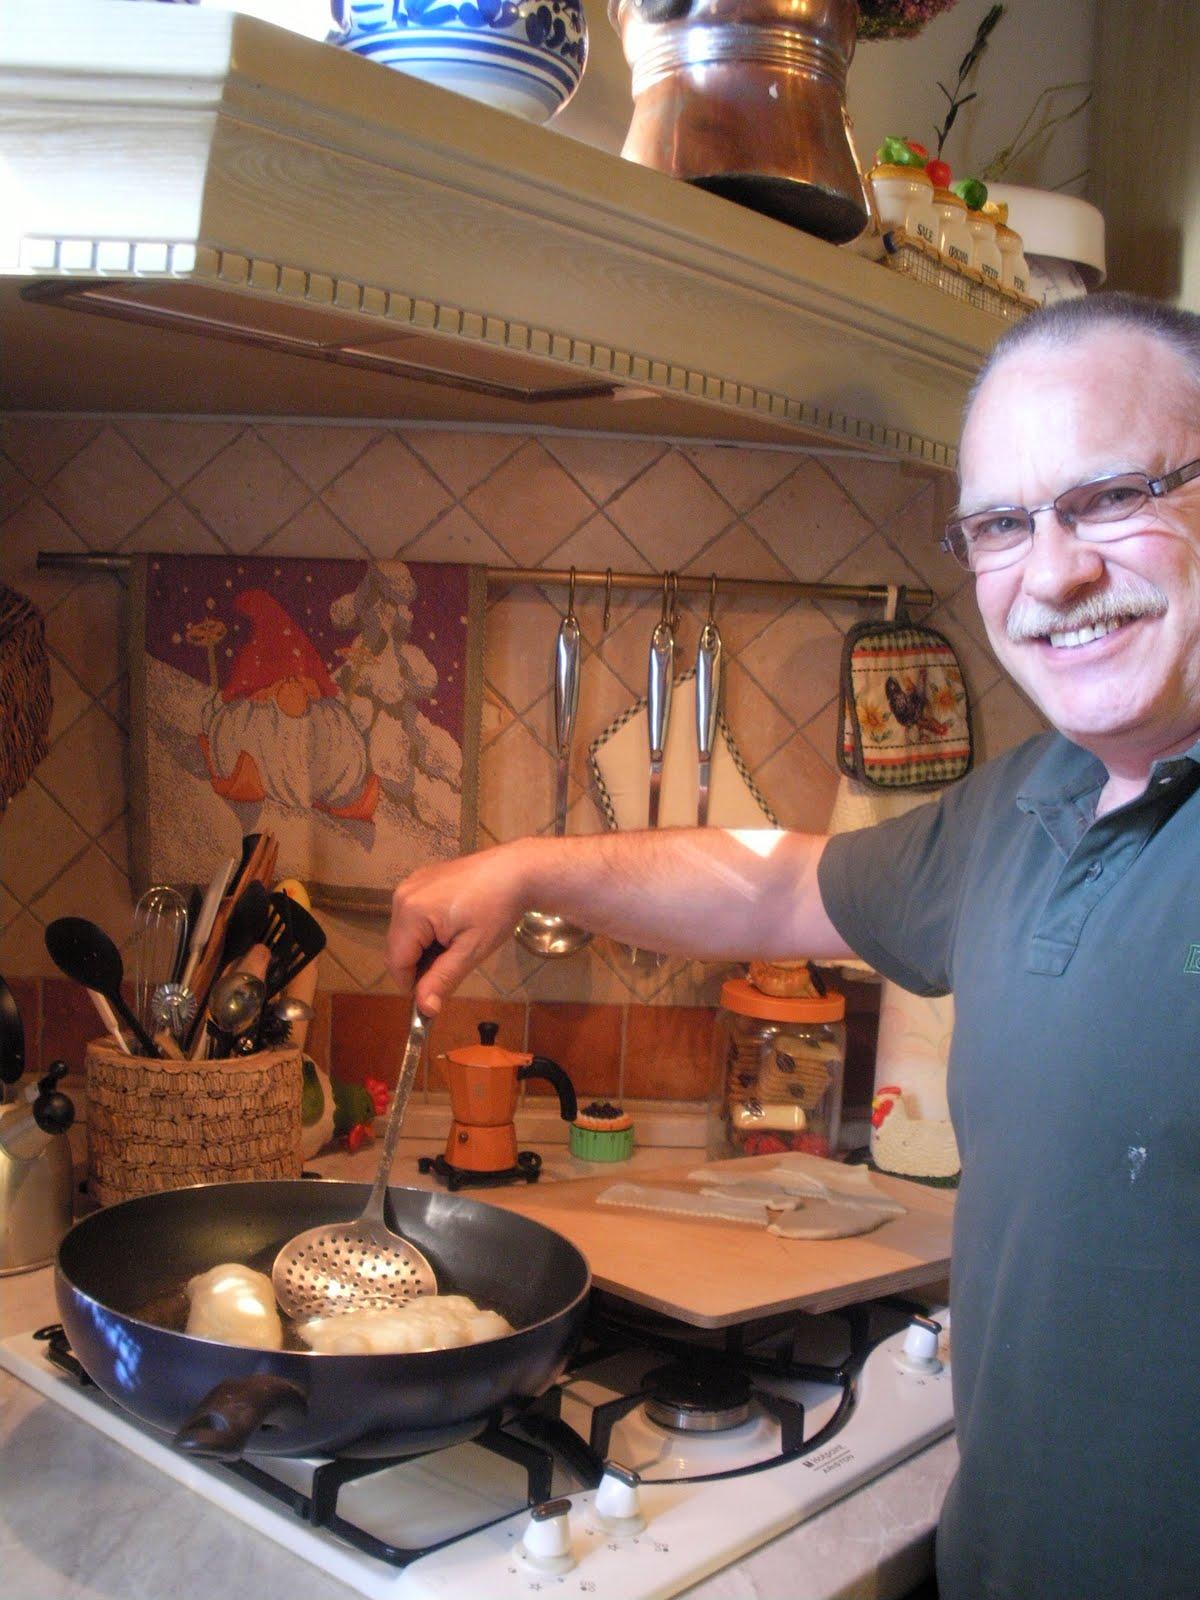 In cucina con l 39 ostessa gnocco fritto fatto da lui per - Gnocco in cucina ...